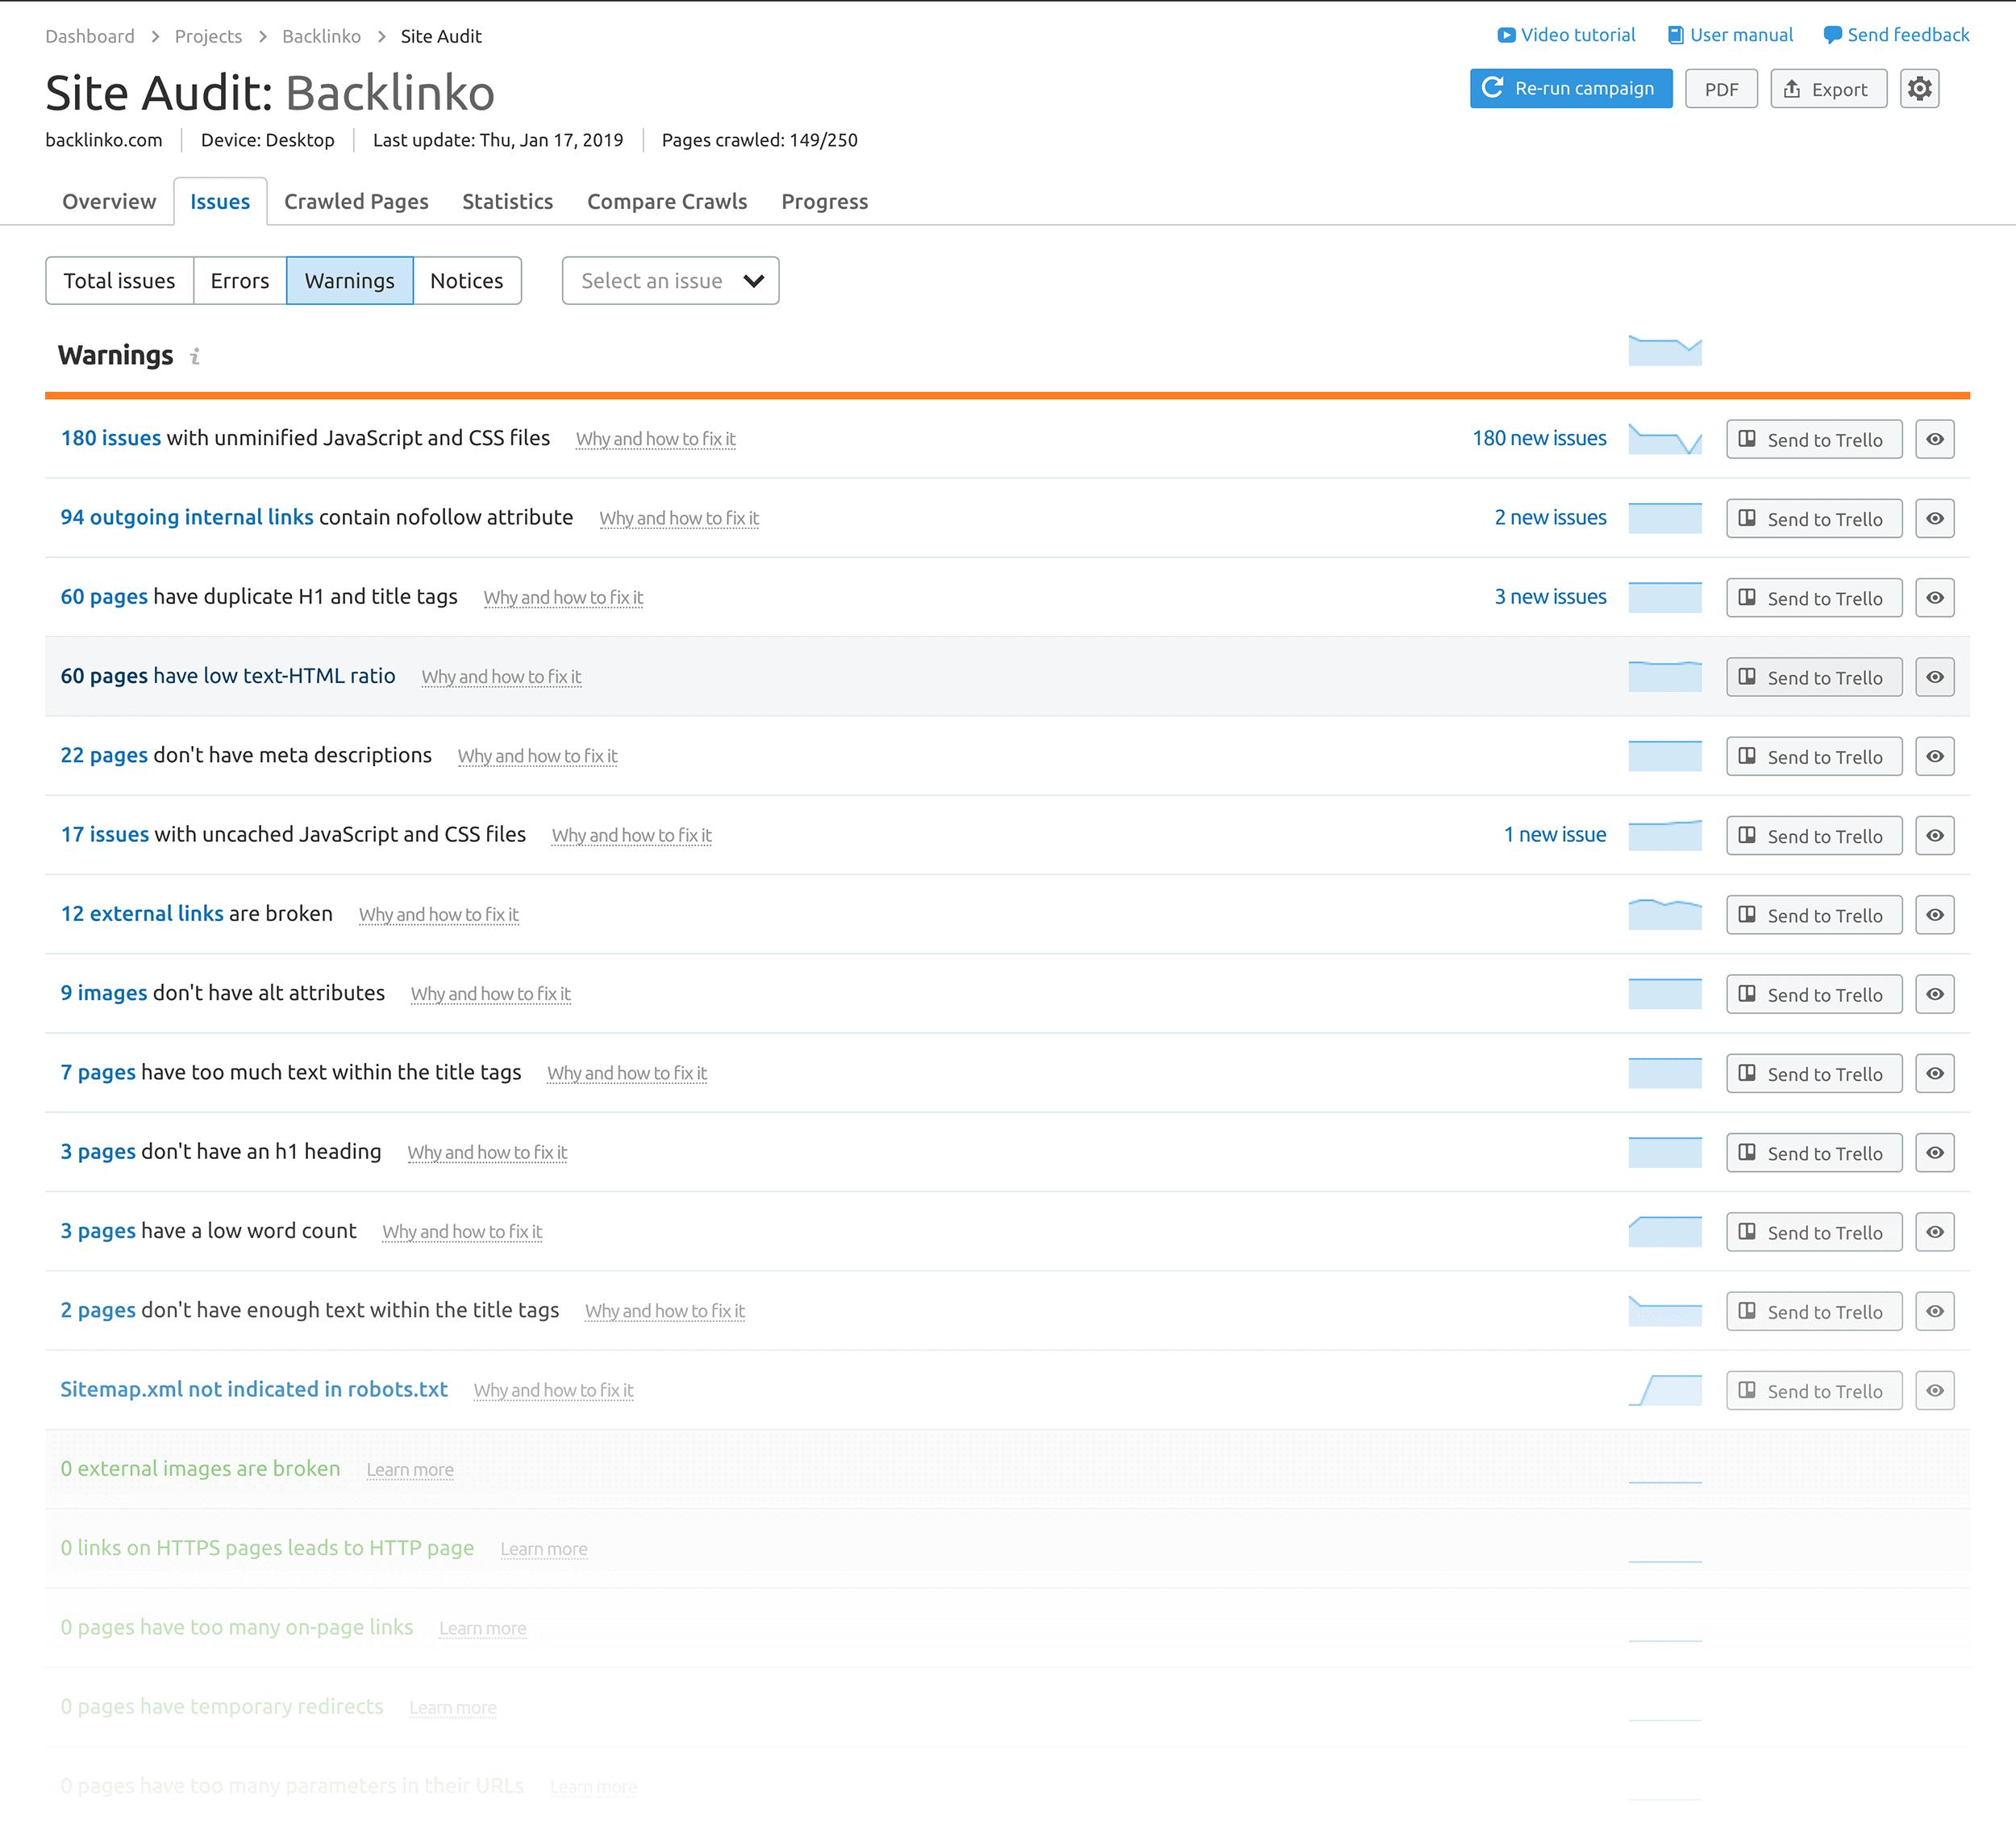 SEMRush - Verifica del sito - Visualizza gli avvisi